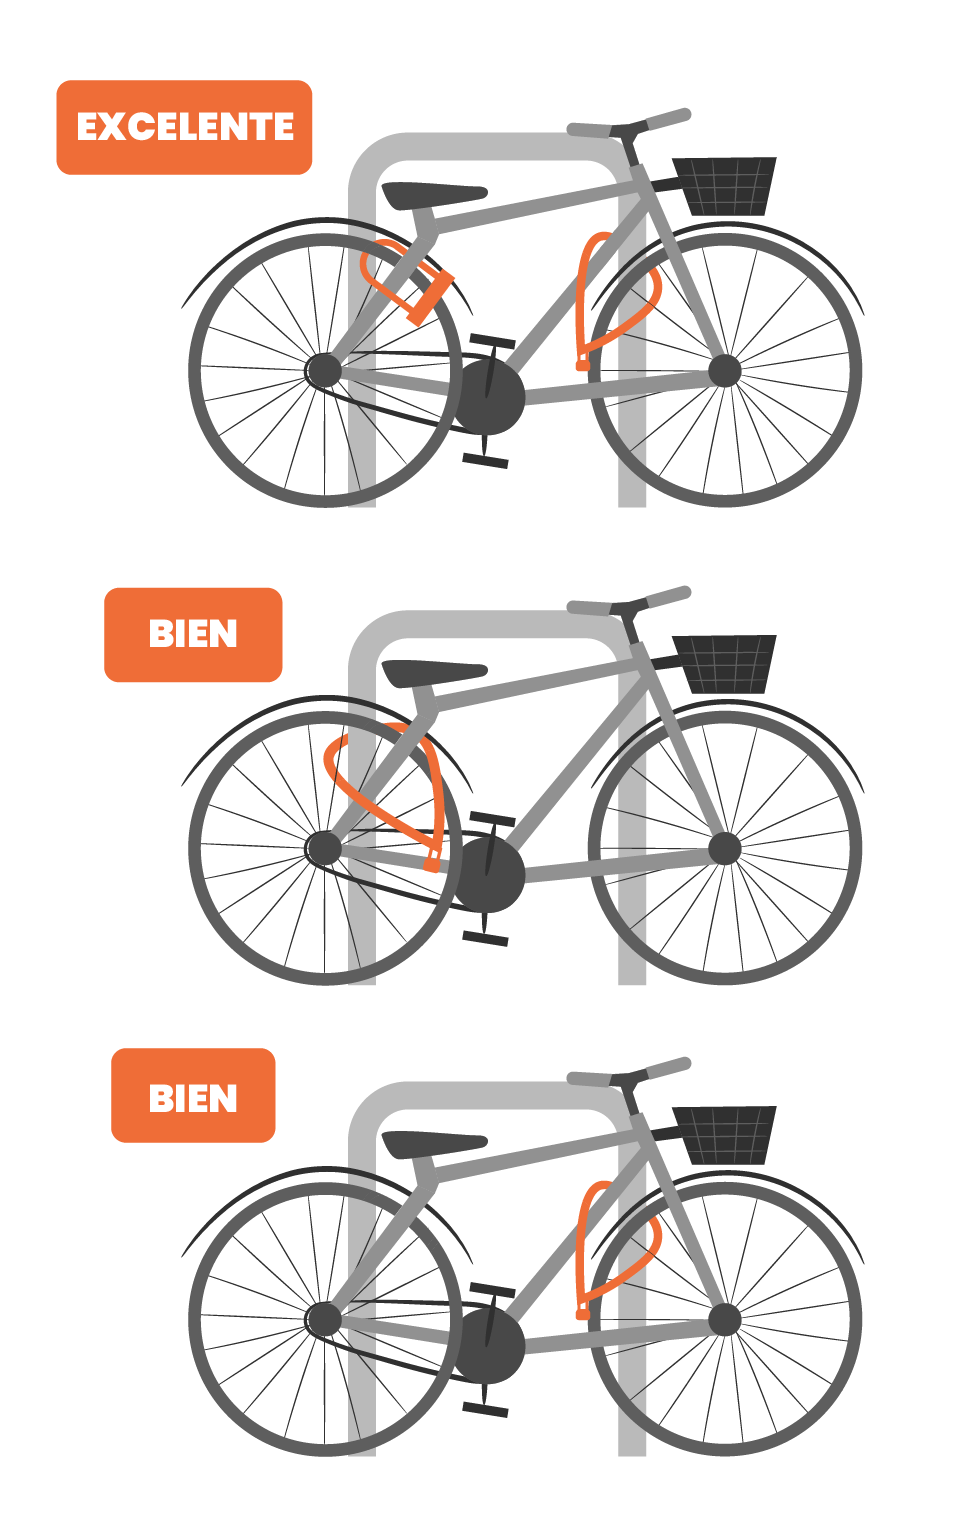 Seguro bicicleta - formas de atar una bicicleta